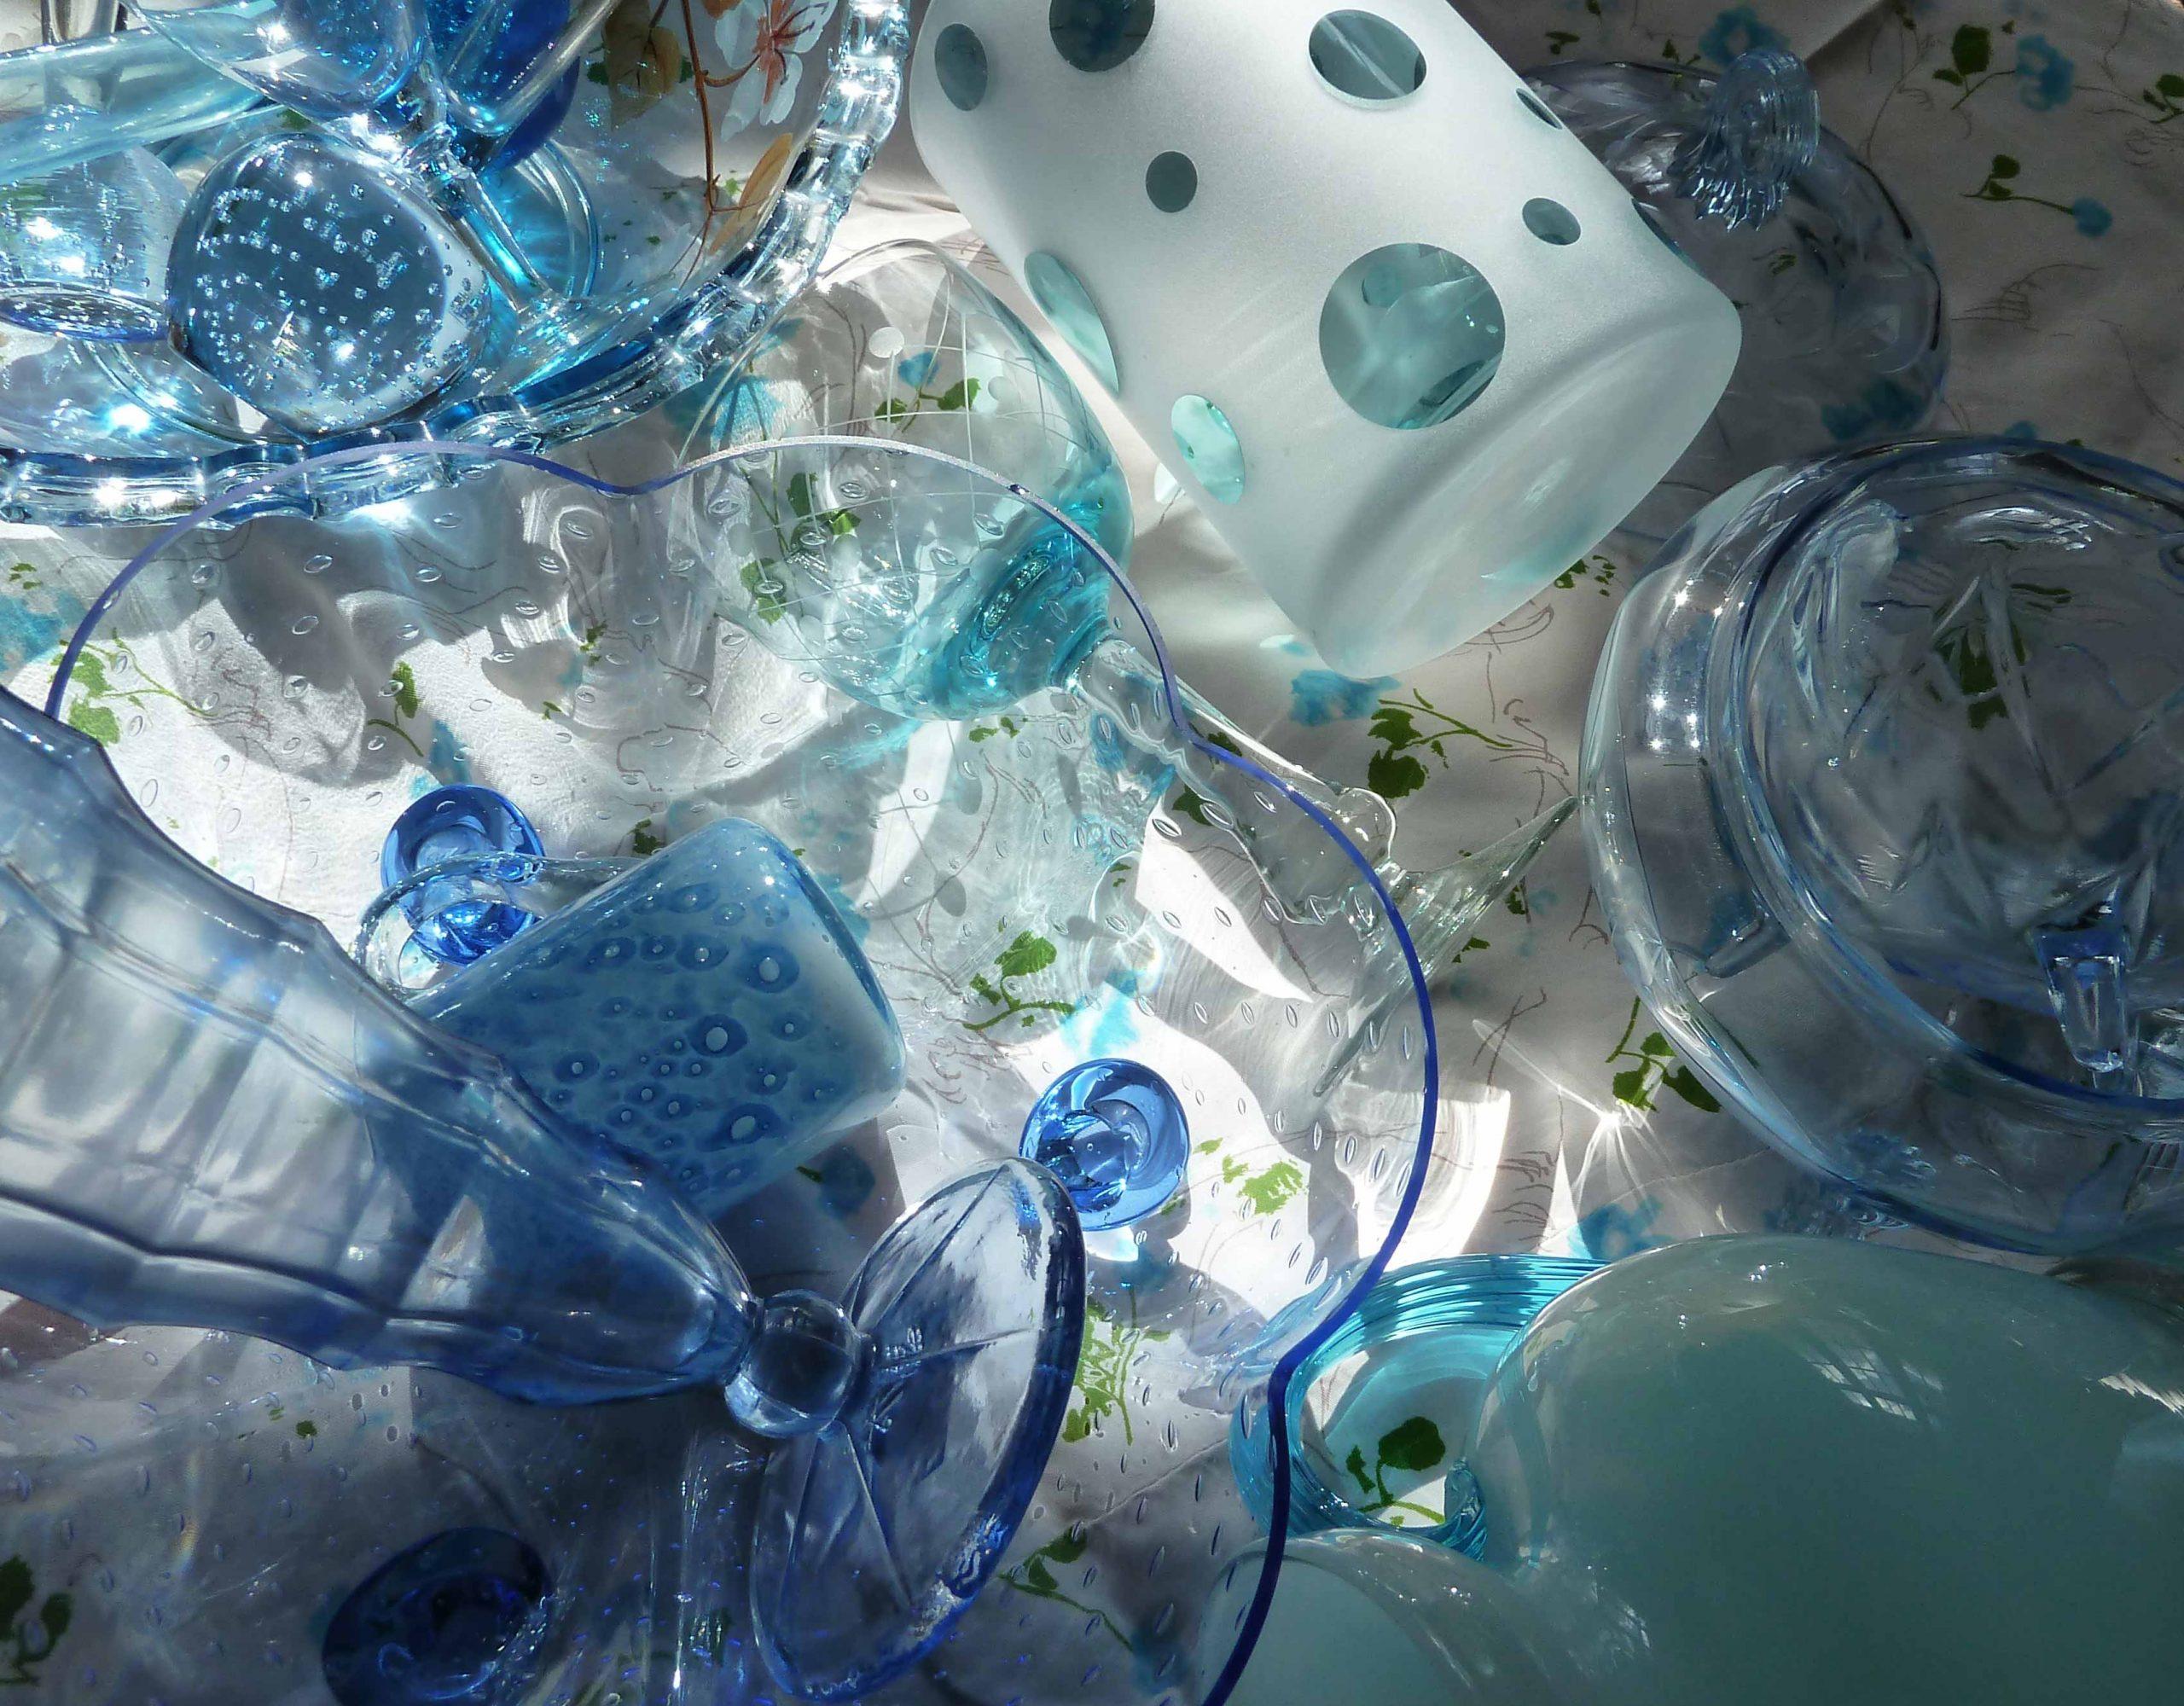 Blaues Glas an einem schöbnen Tach